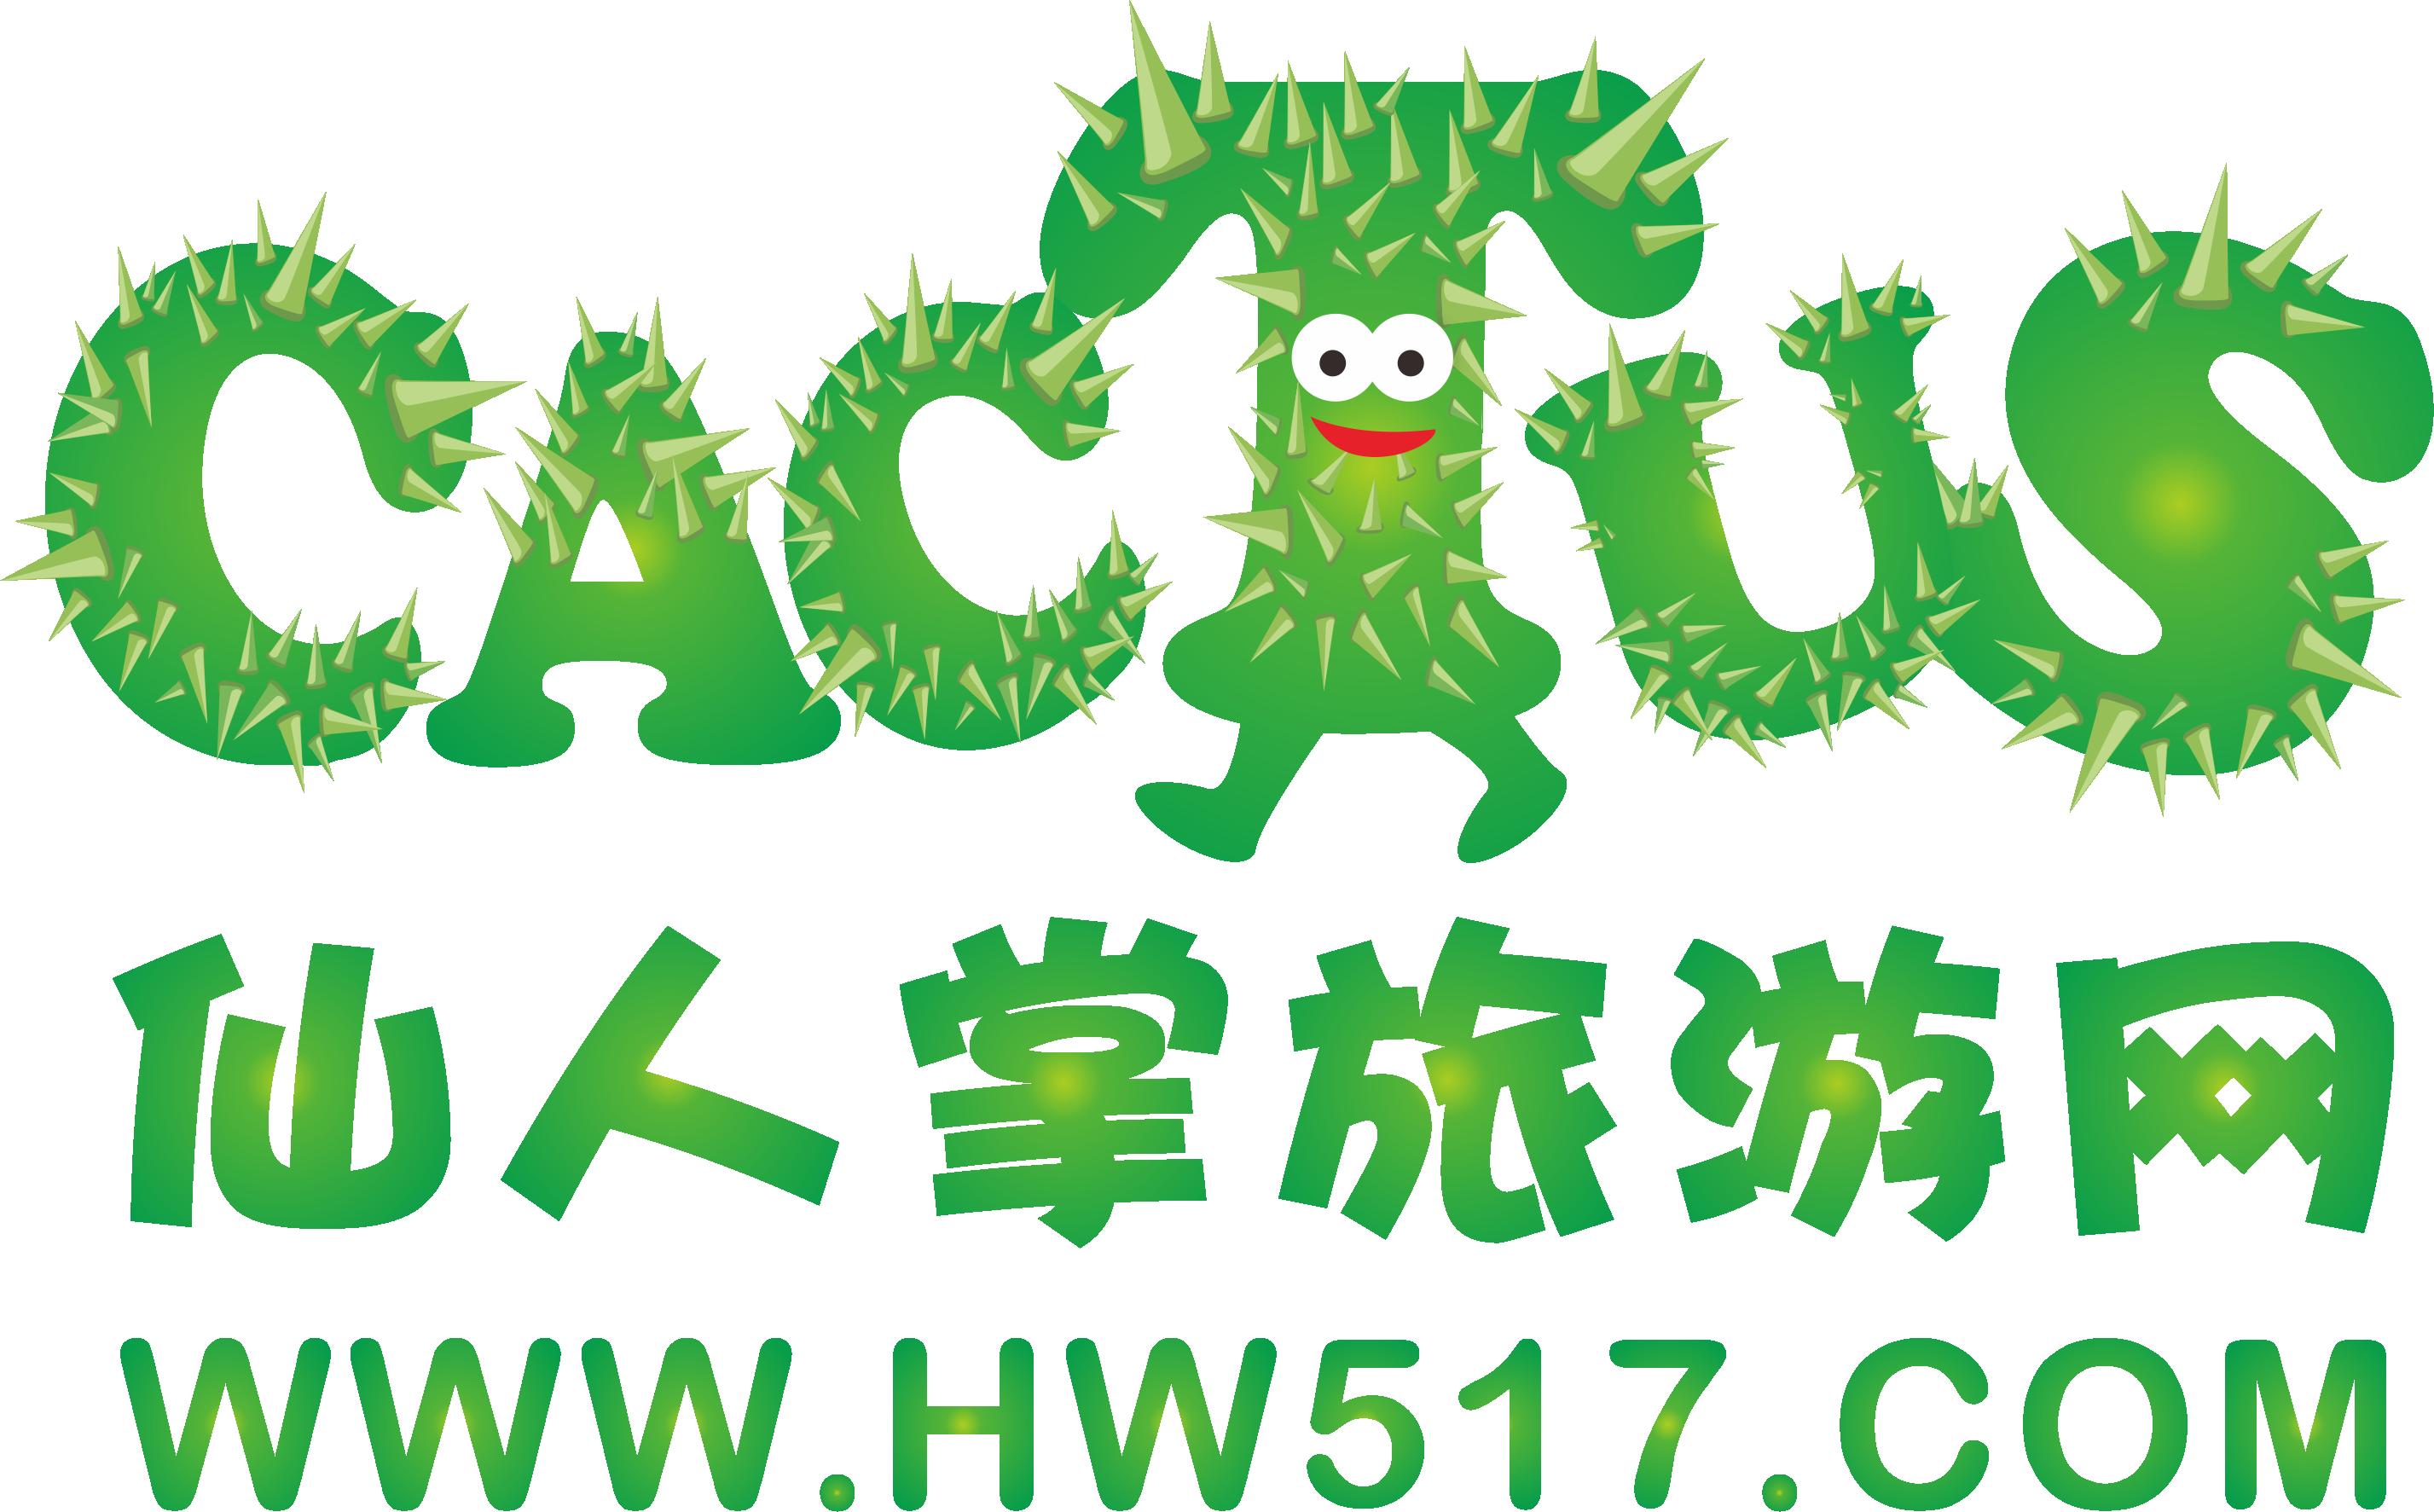 【仙人掌旅游】上海东方明珠塔、城隍庙、外滩、长风海底二日